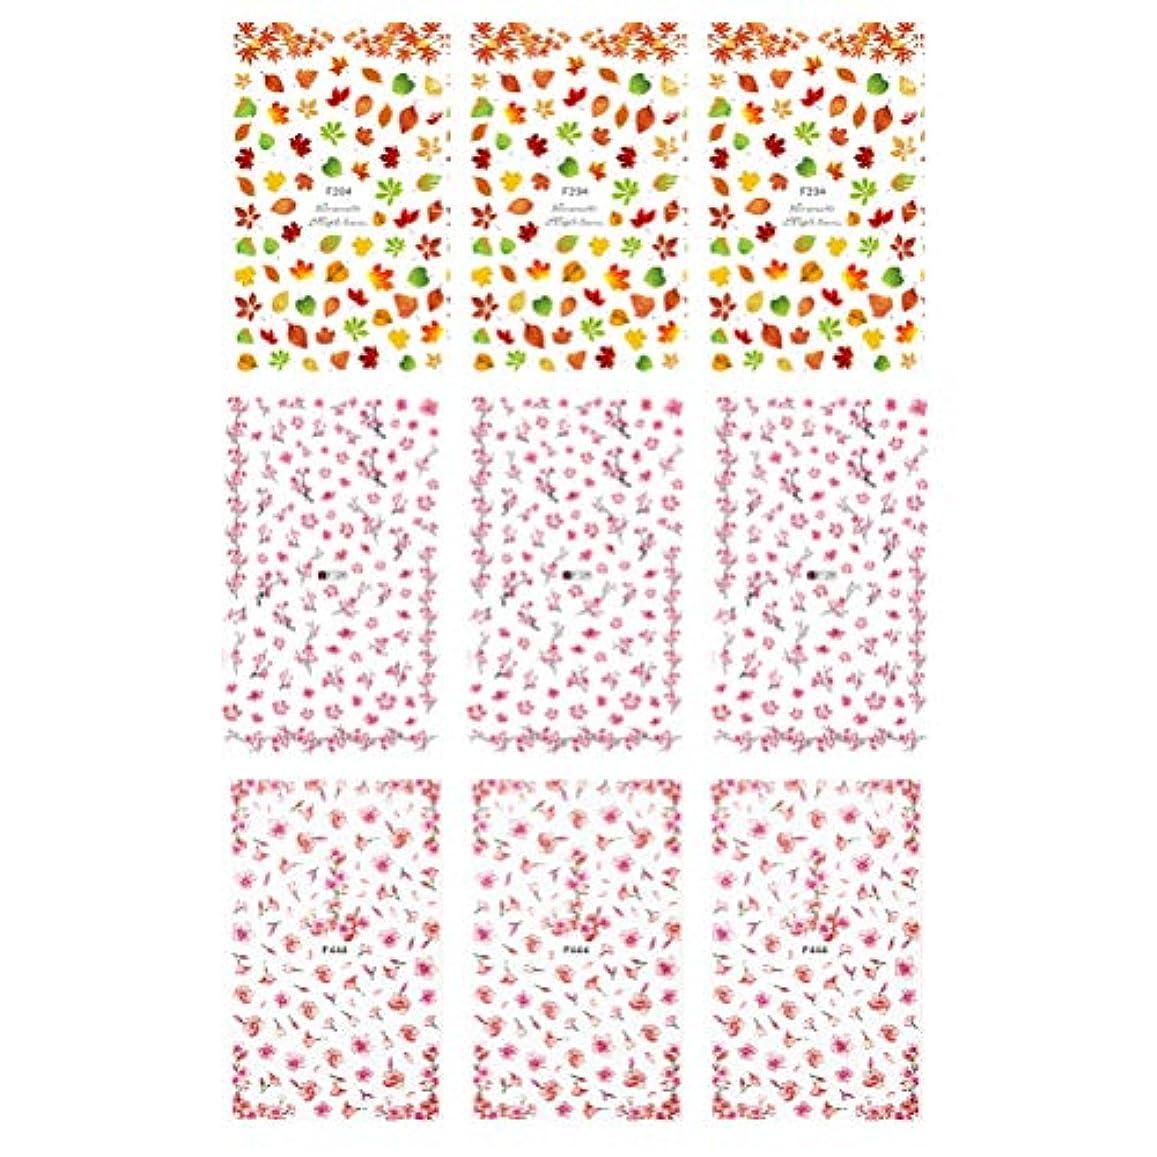 振り子道路制約Frcolor ネイルシール 花 3D ネイルステッカー 水彩風 ネイルホイル ももの花 桜 ネイルアートシール 爪に貼るだけ マニキュア 3種類 9枚セット